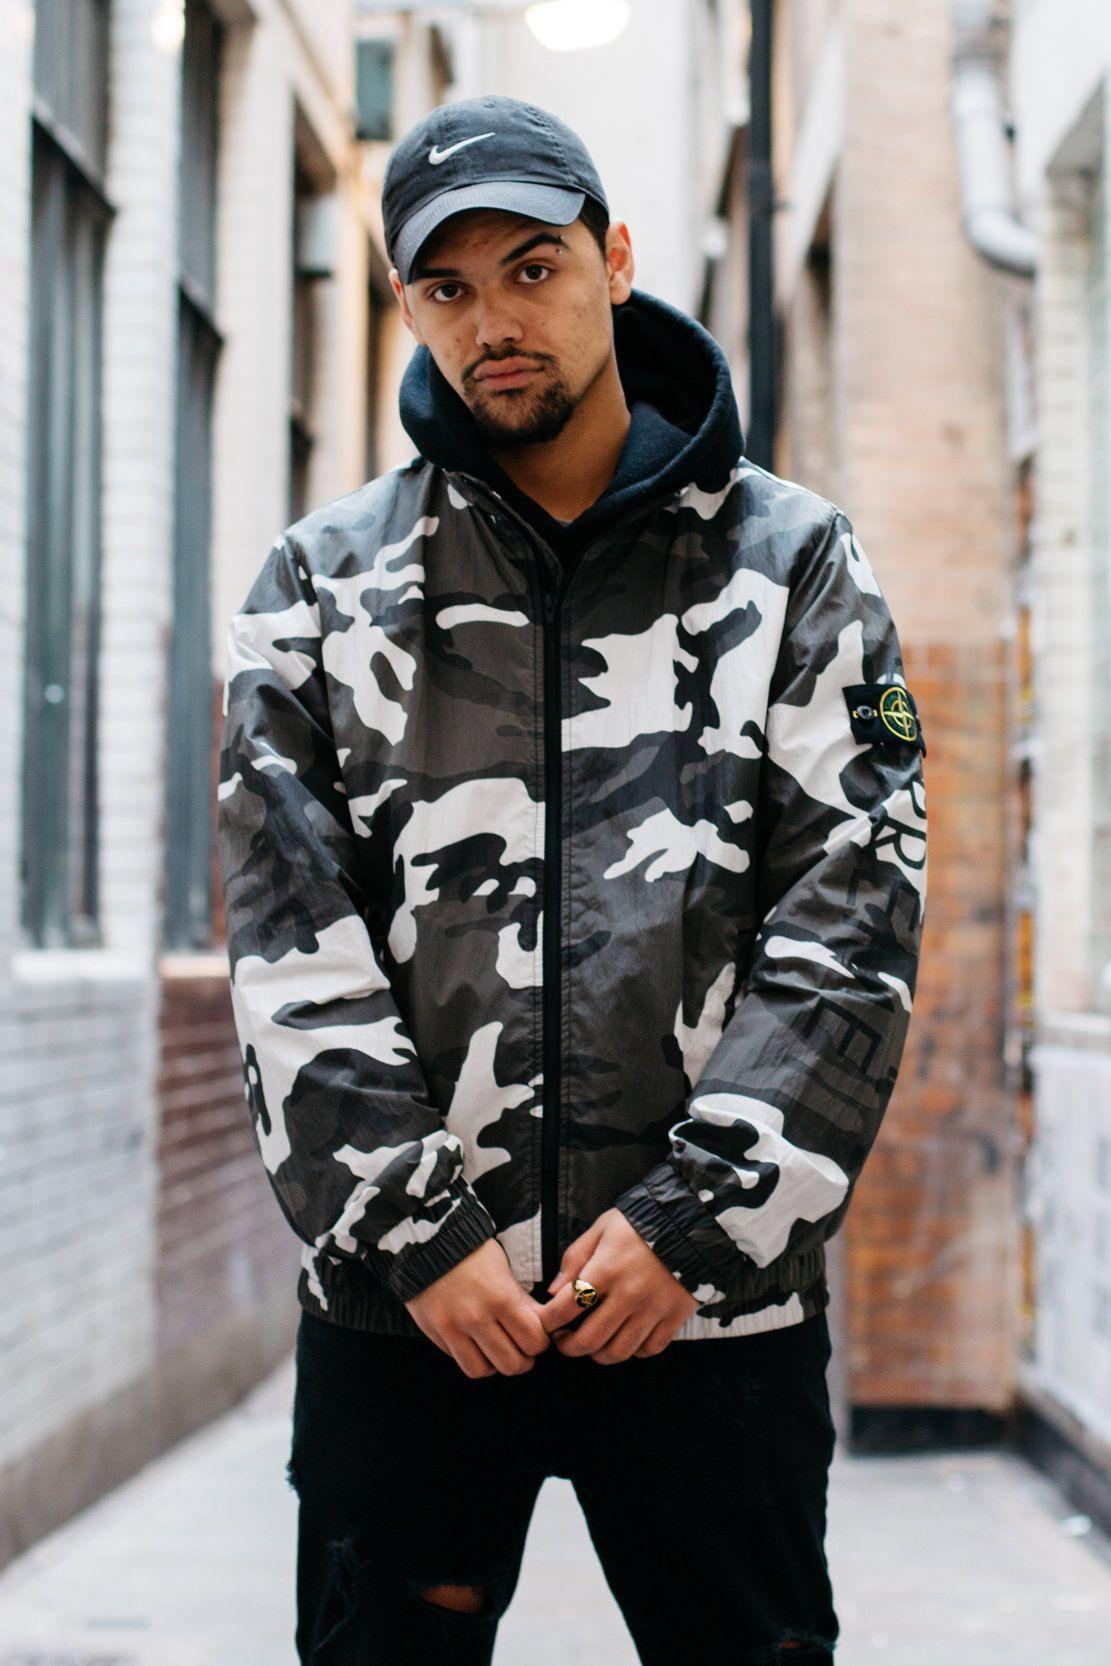 W2C] Stone Island x Supreme Camo Jacket | Fashion in 2019